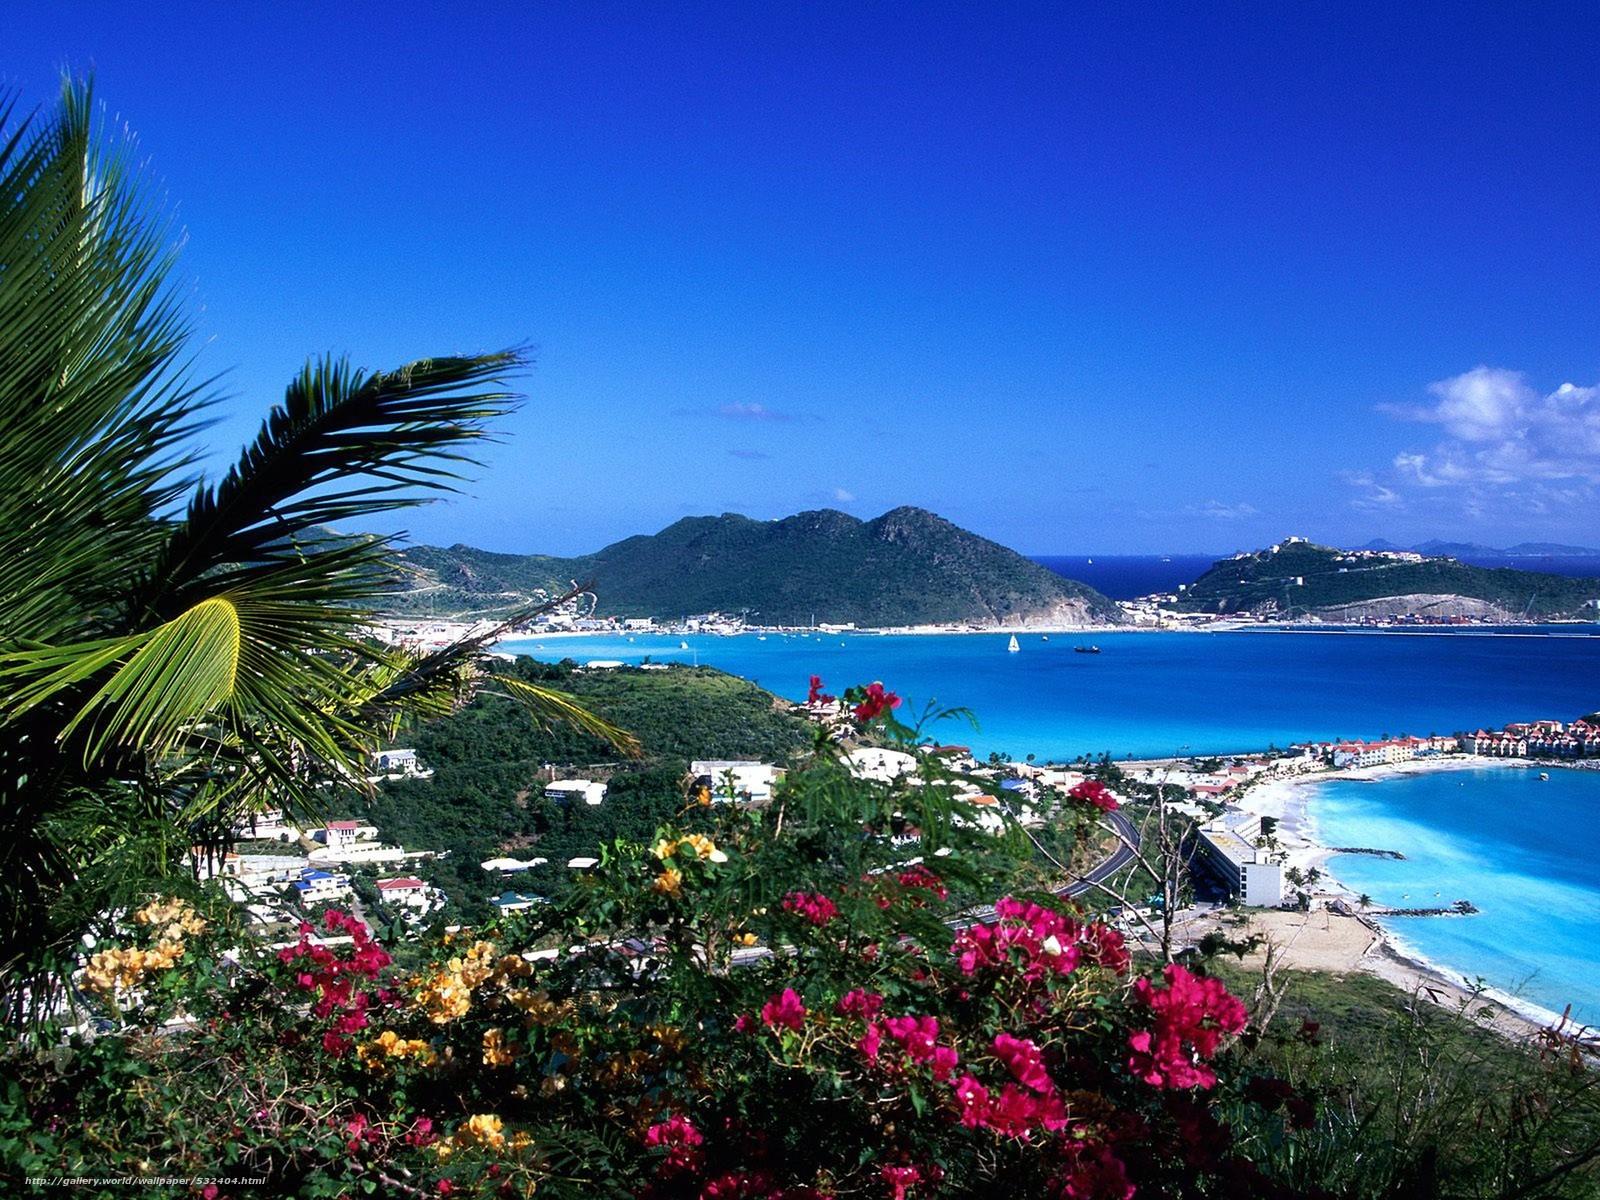 карибский бассейн фото семейная